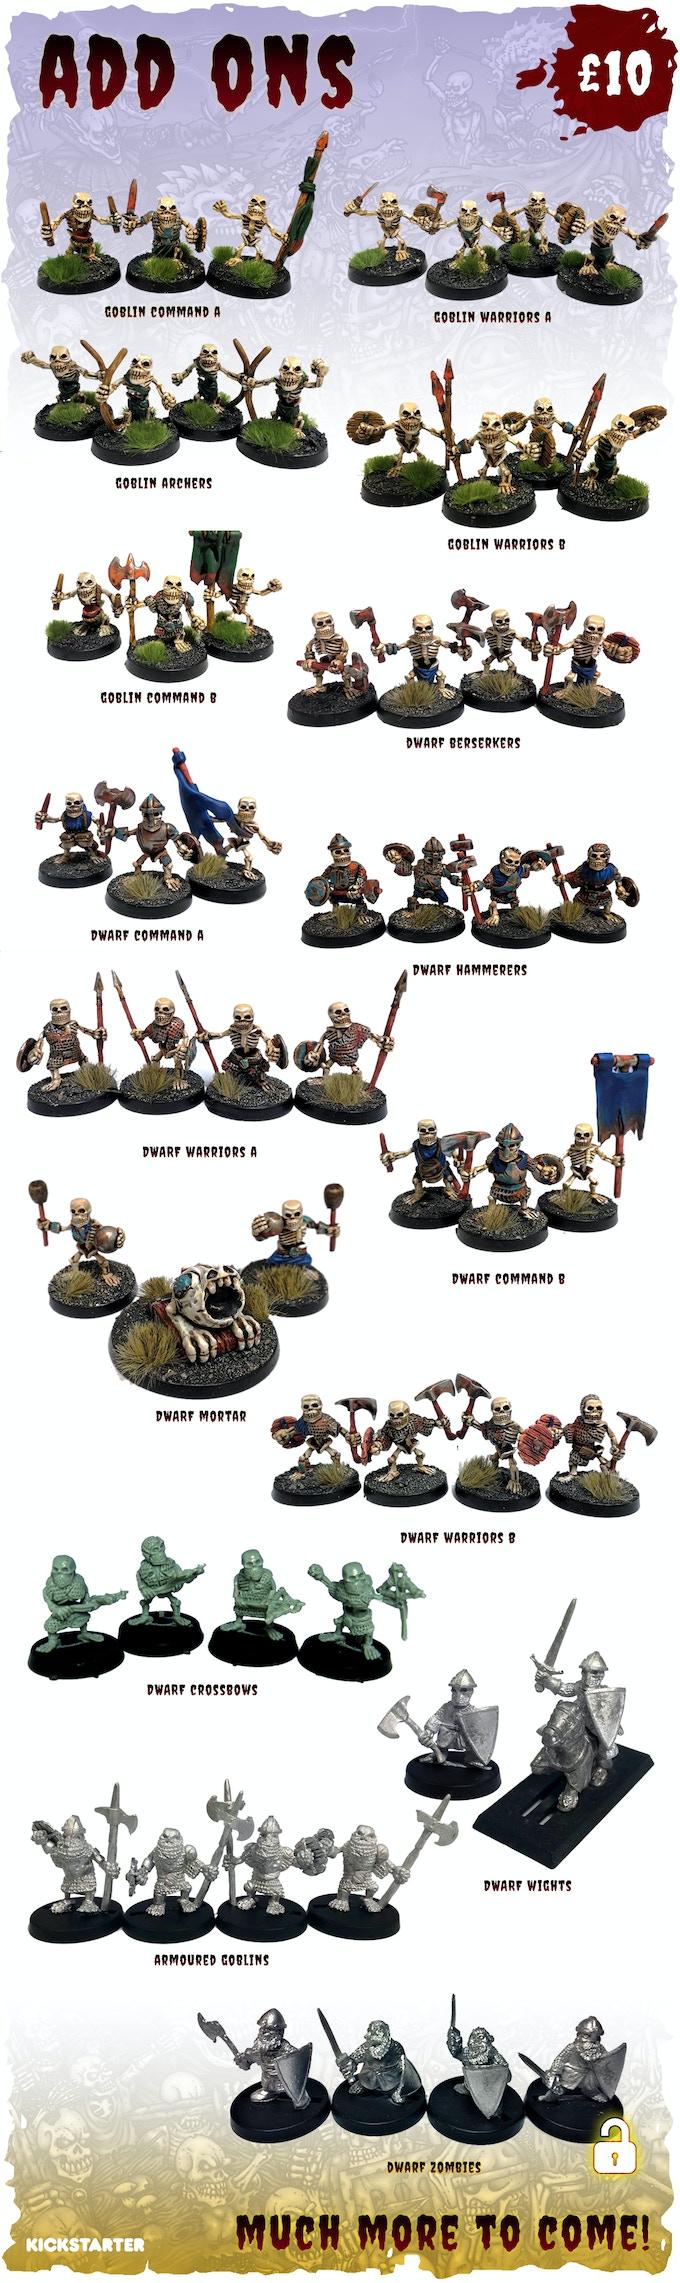 £10 Per Set Of Miniatures